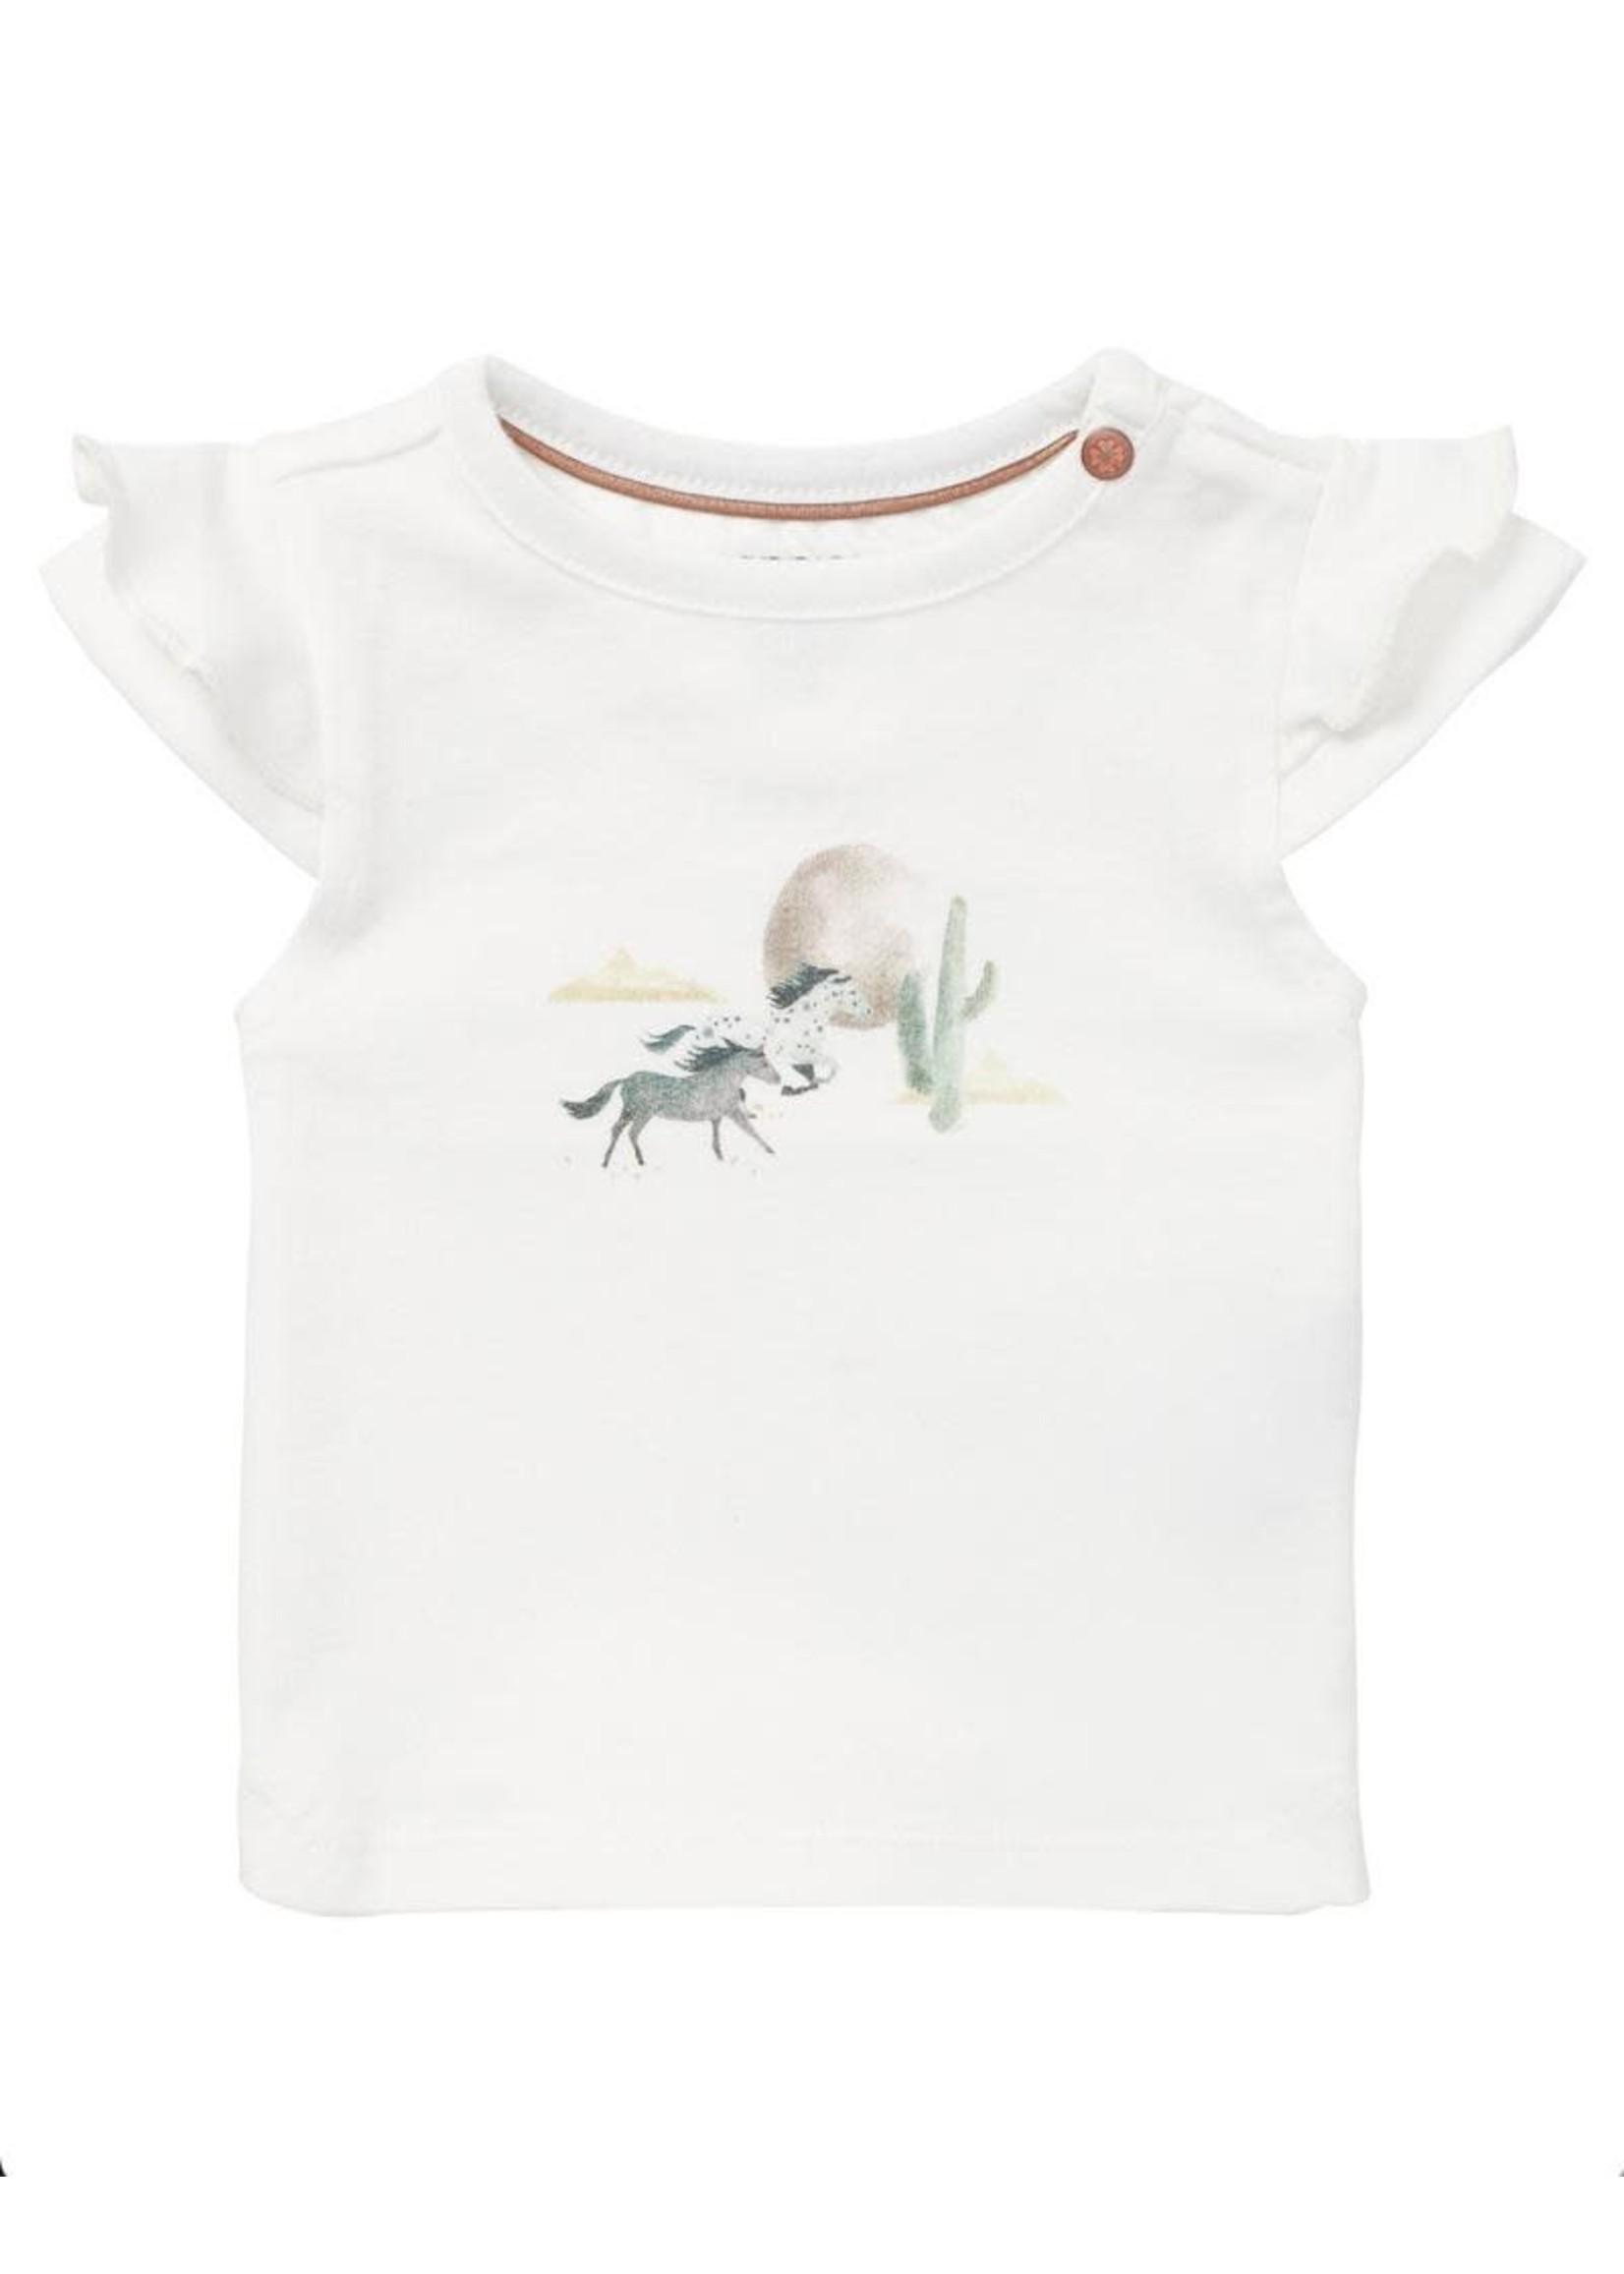 Noppies Kids Noppies Kids, Malta T-shirt